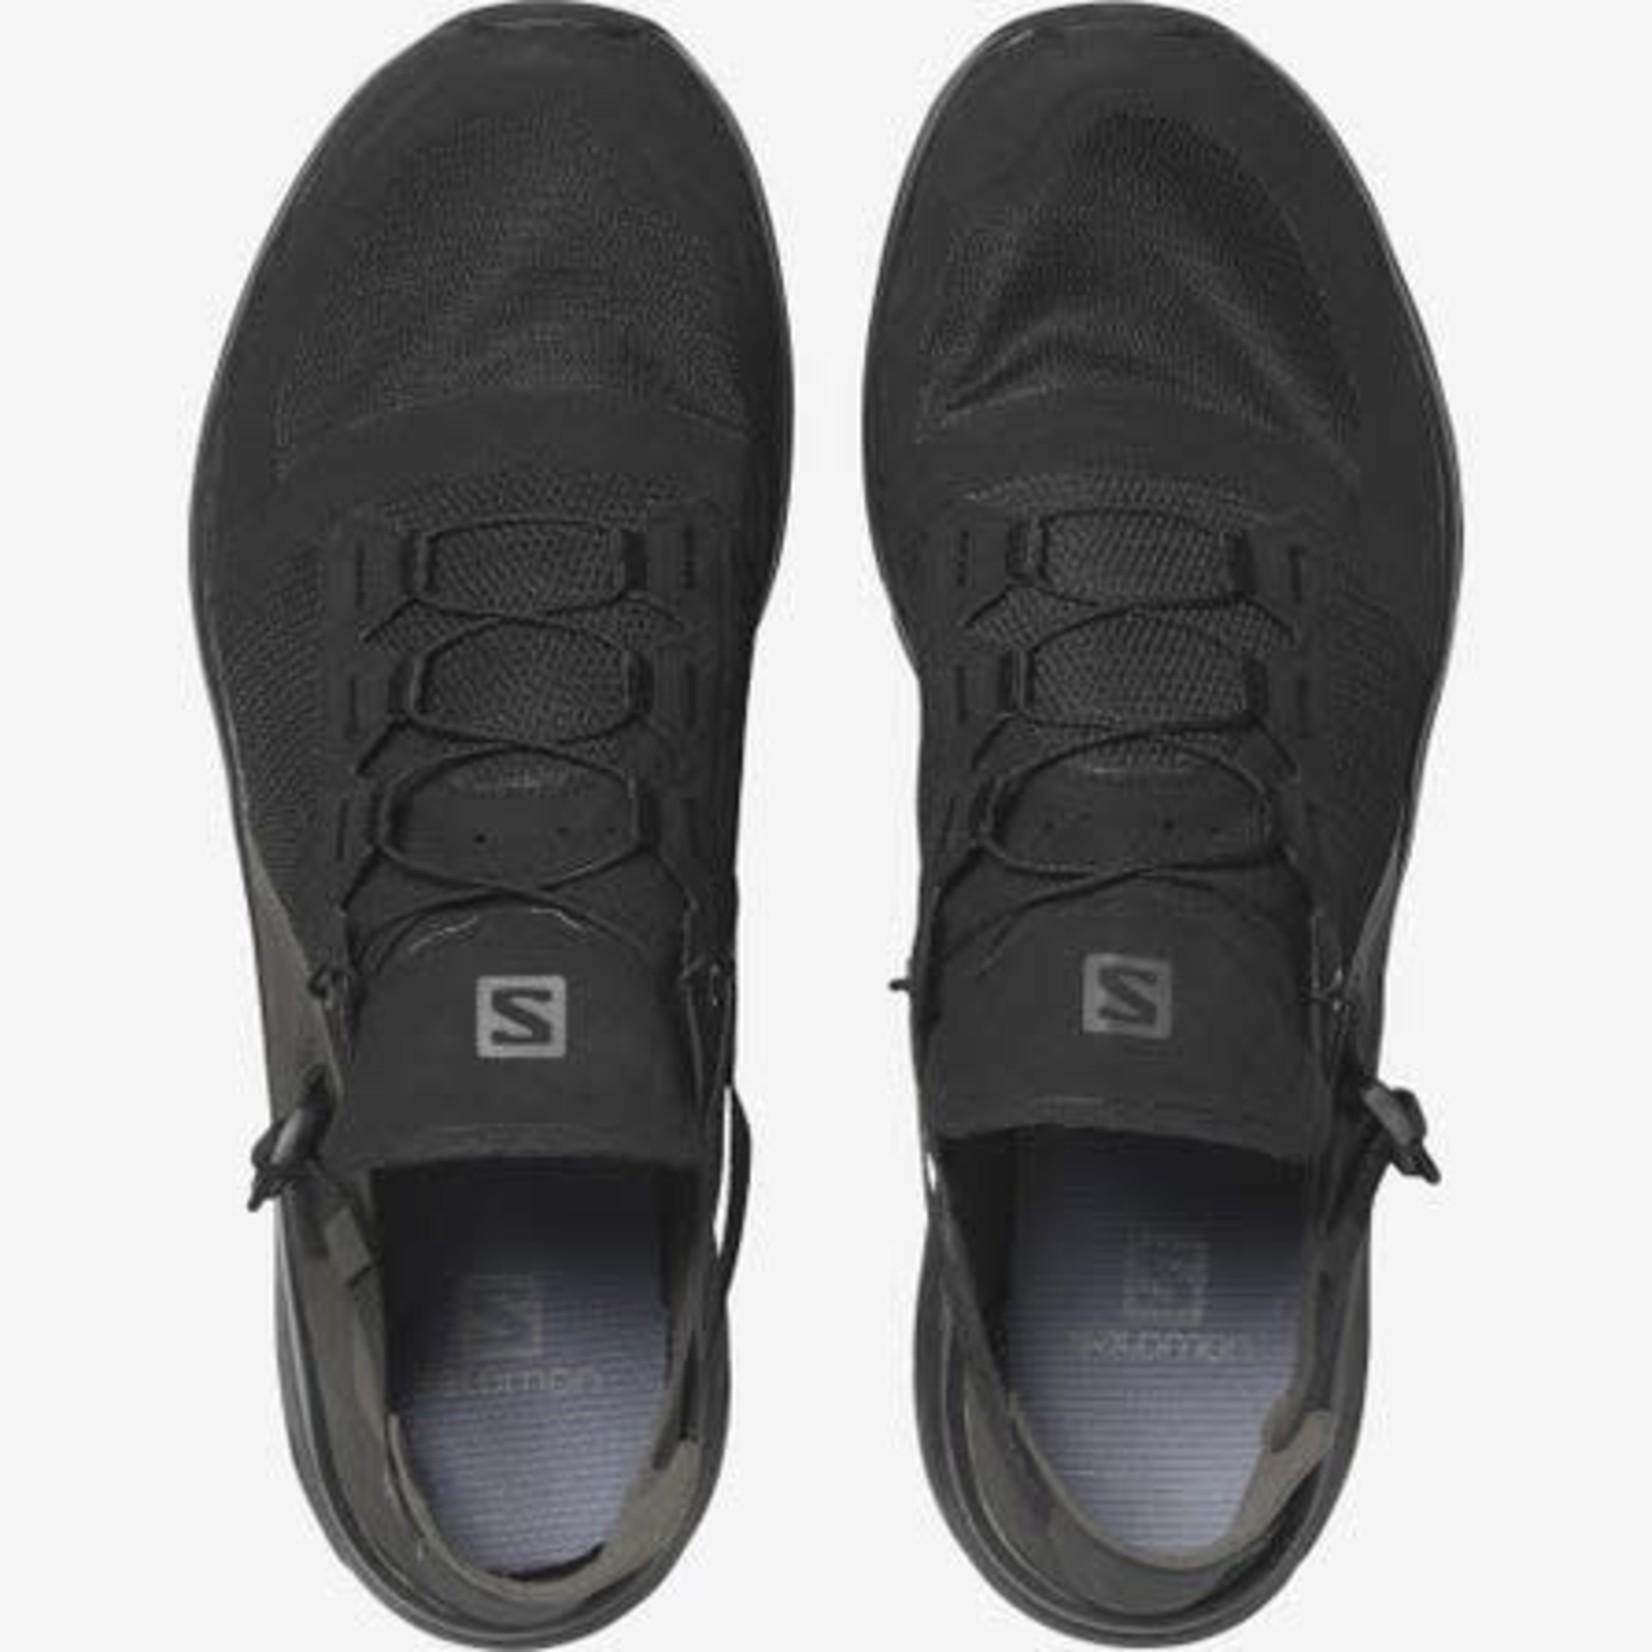 Salomon Salomon Men's Tech Amphib 4  - Black/Beluga/Castor Gray